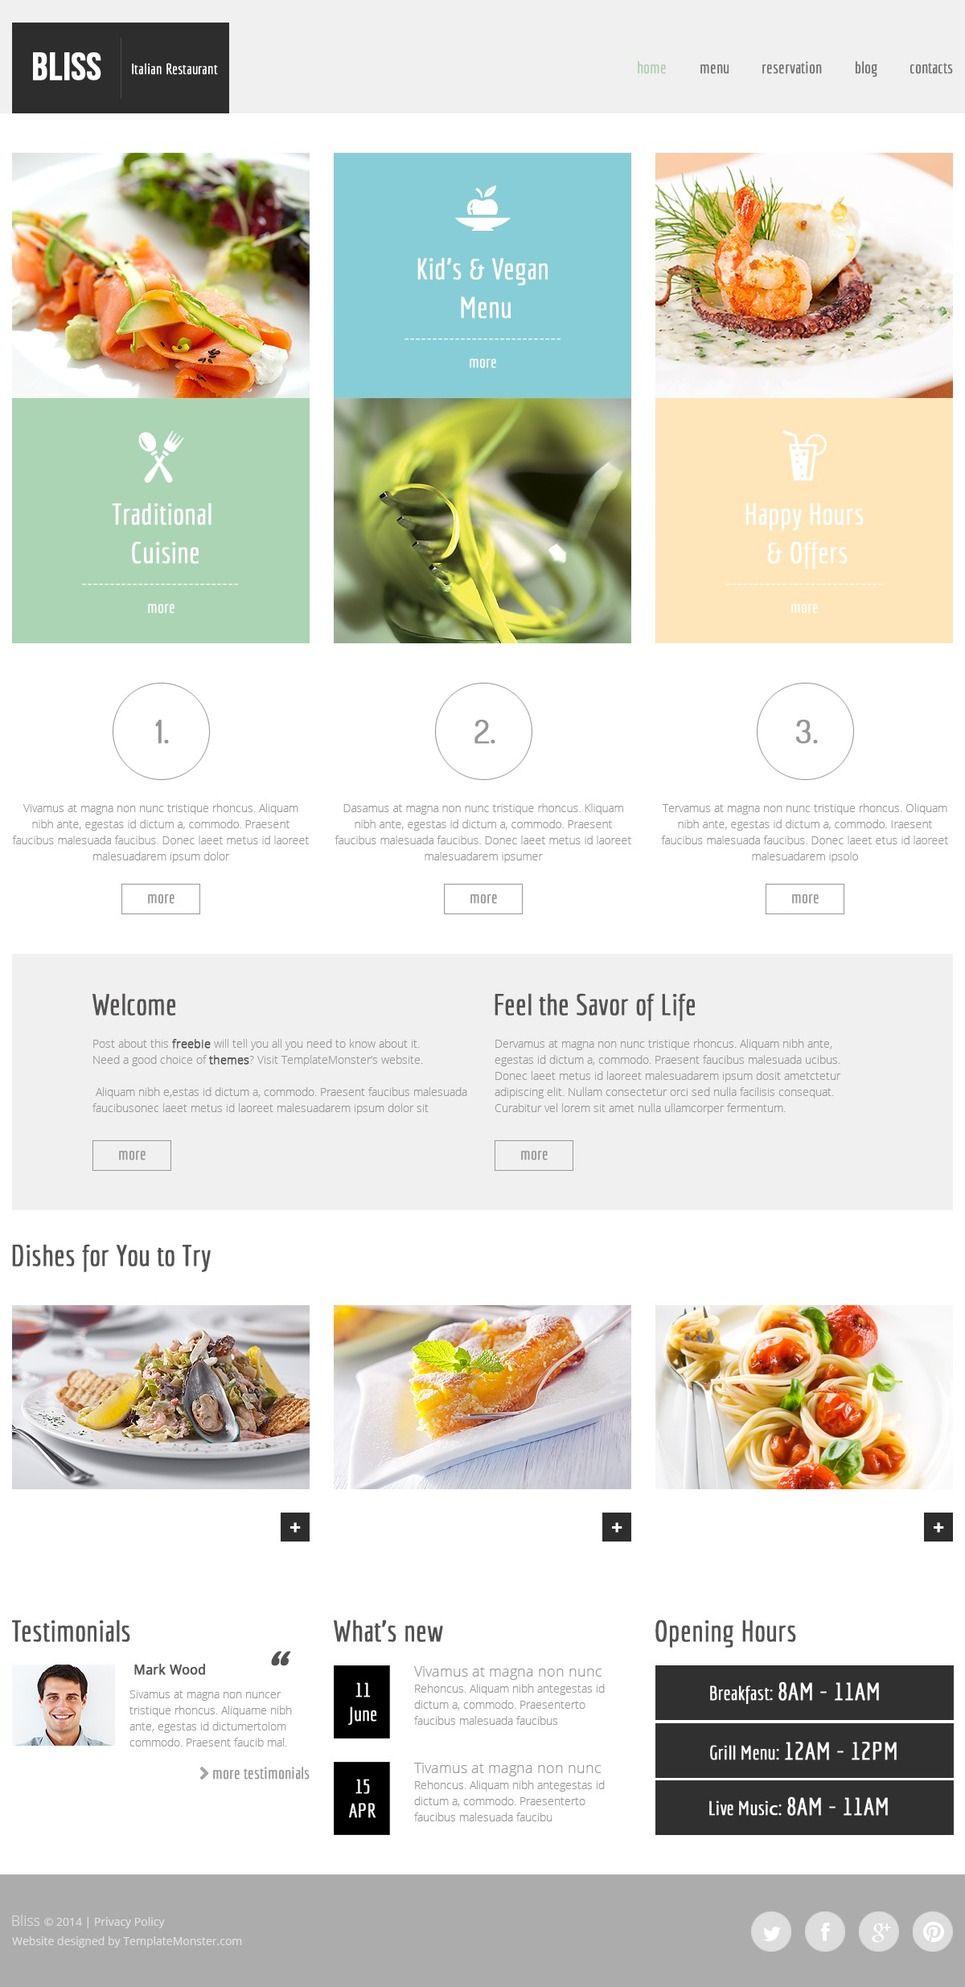 Free html5 theme for restaurant website httptemplatemonster free html5 theme for restaurant website httptemplatemonster pronofoot35fo Choice Image